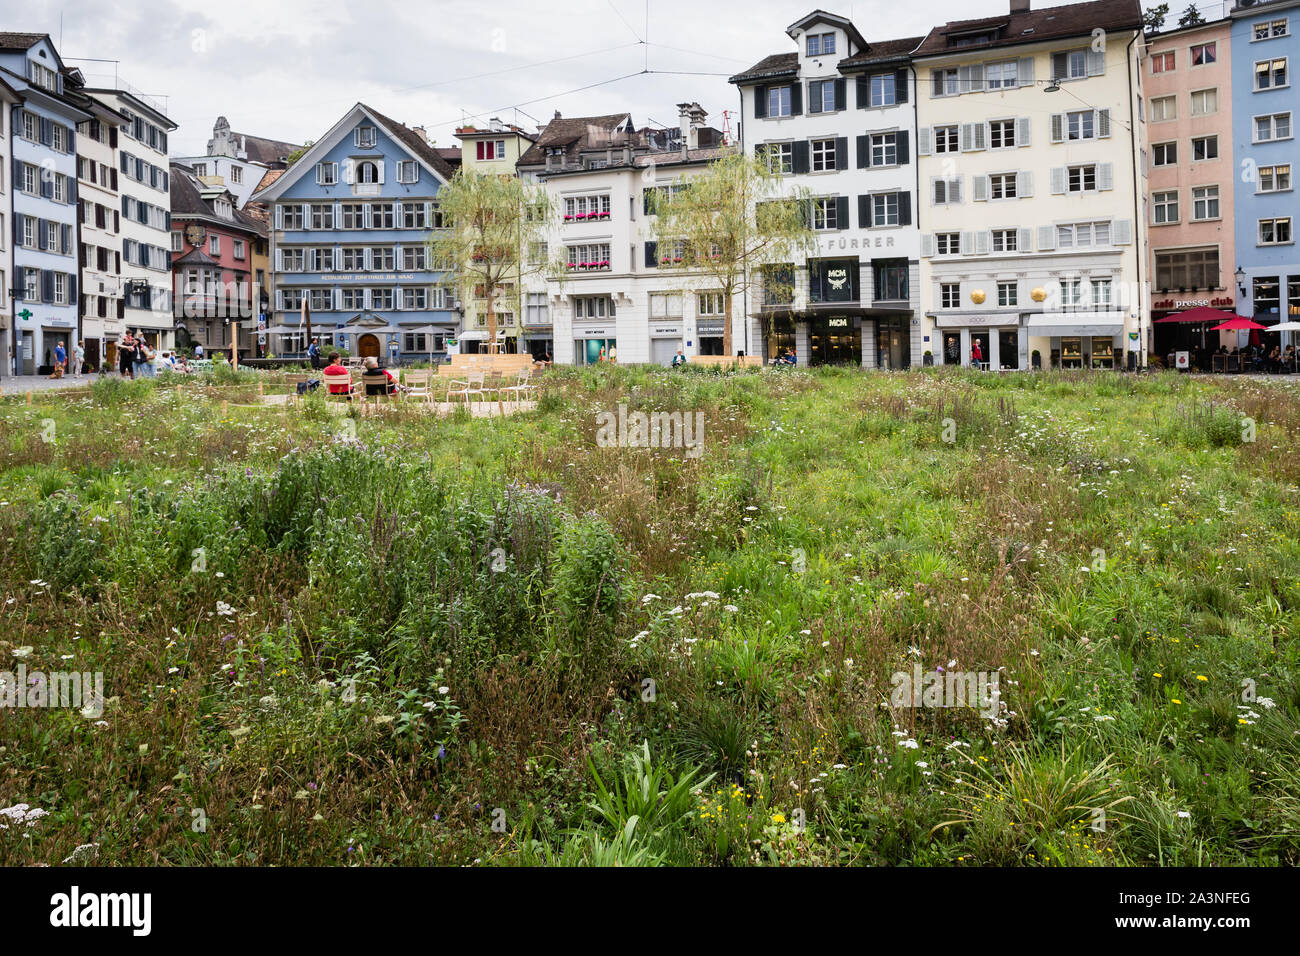 Insel in der Stadt meadow instalada por el artista Heinrich Gartentor en la plaza Münsterhof de Zúrich, Suiza Foto de stock